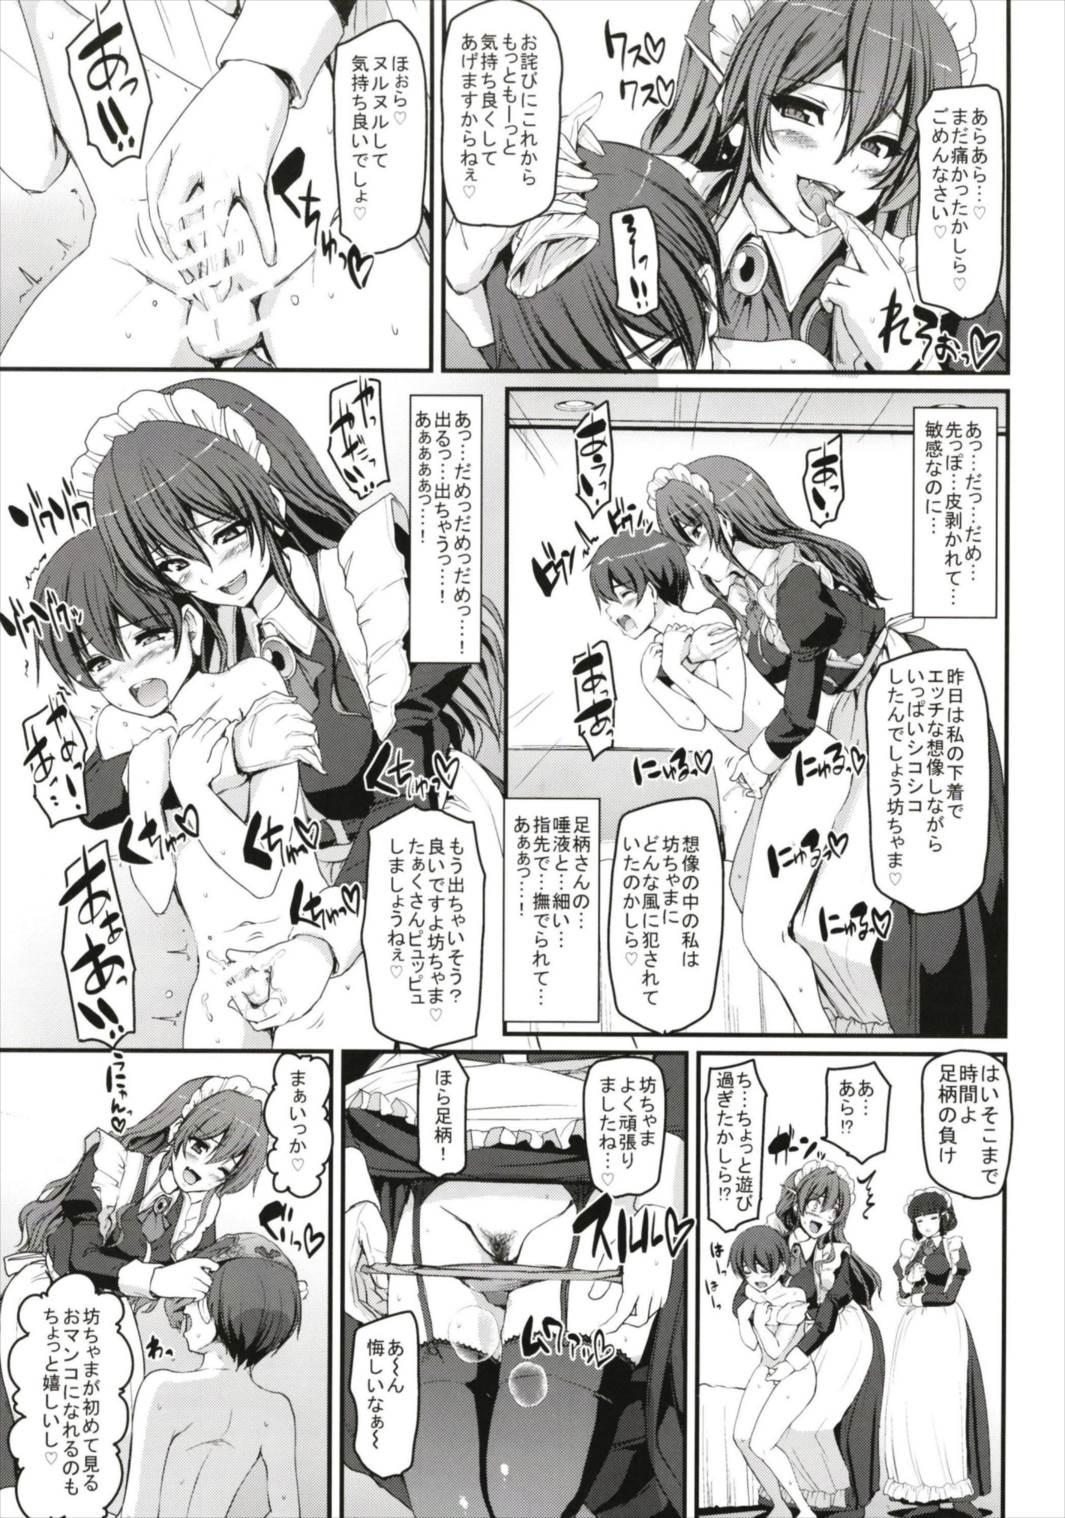 【艦これ エロ漫画・エロ同人】元艦娘の妙高4姉妹の下着を盗んだショタが初めてのセックスを仕込まれてえっちなお仕置きwwwww (8)